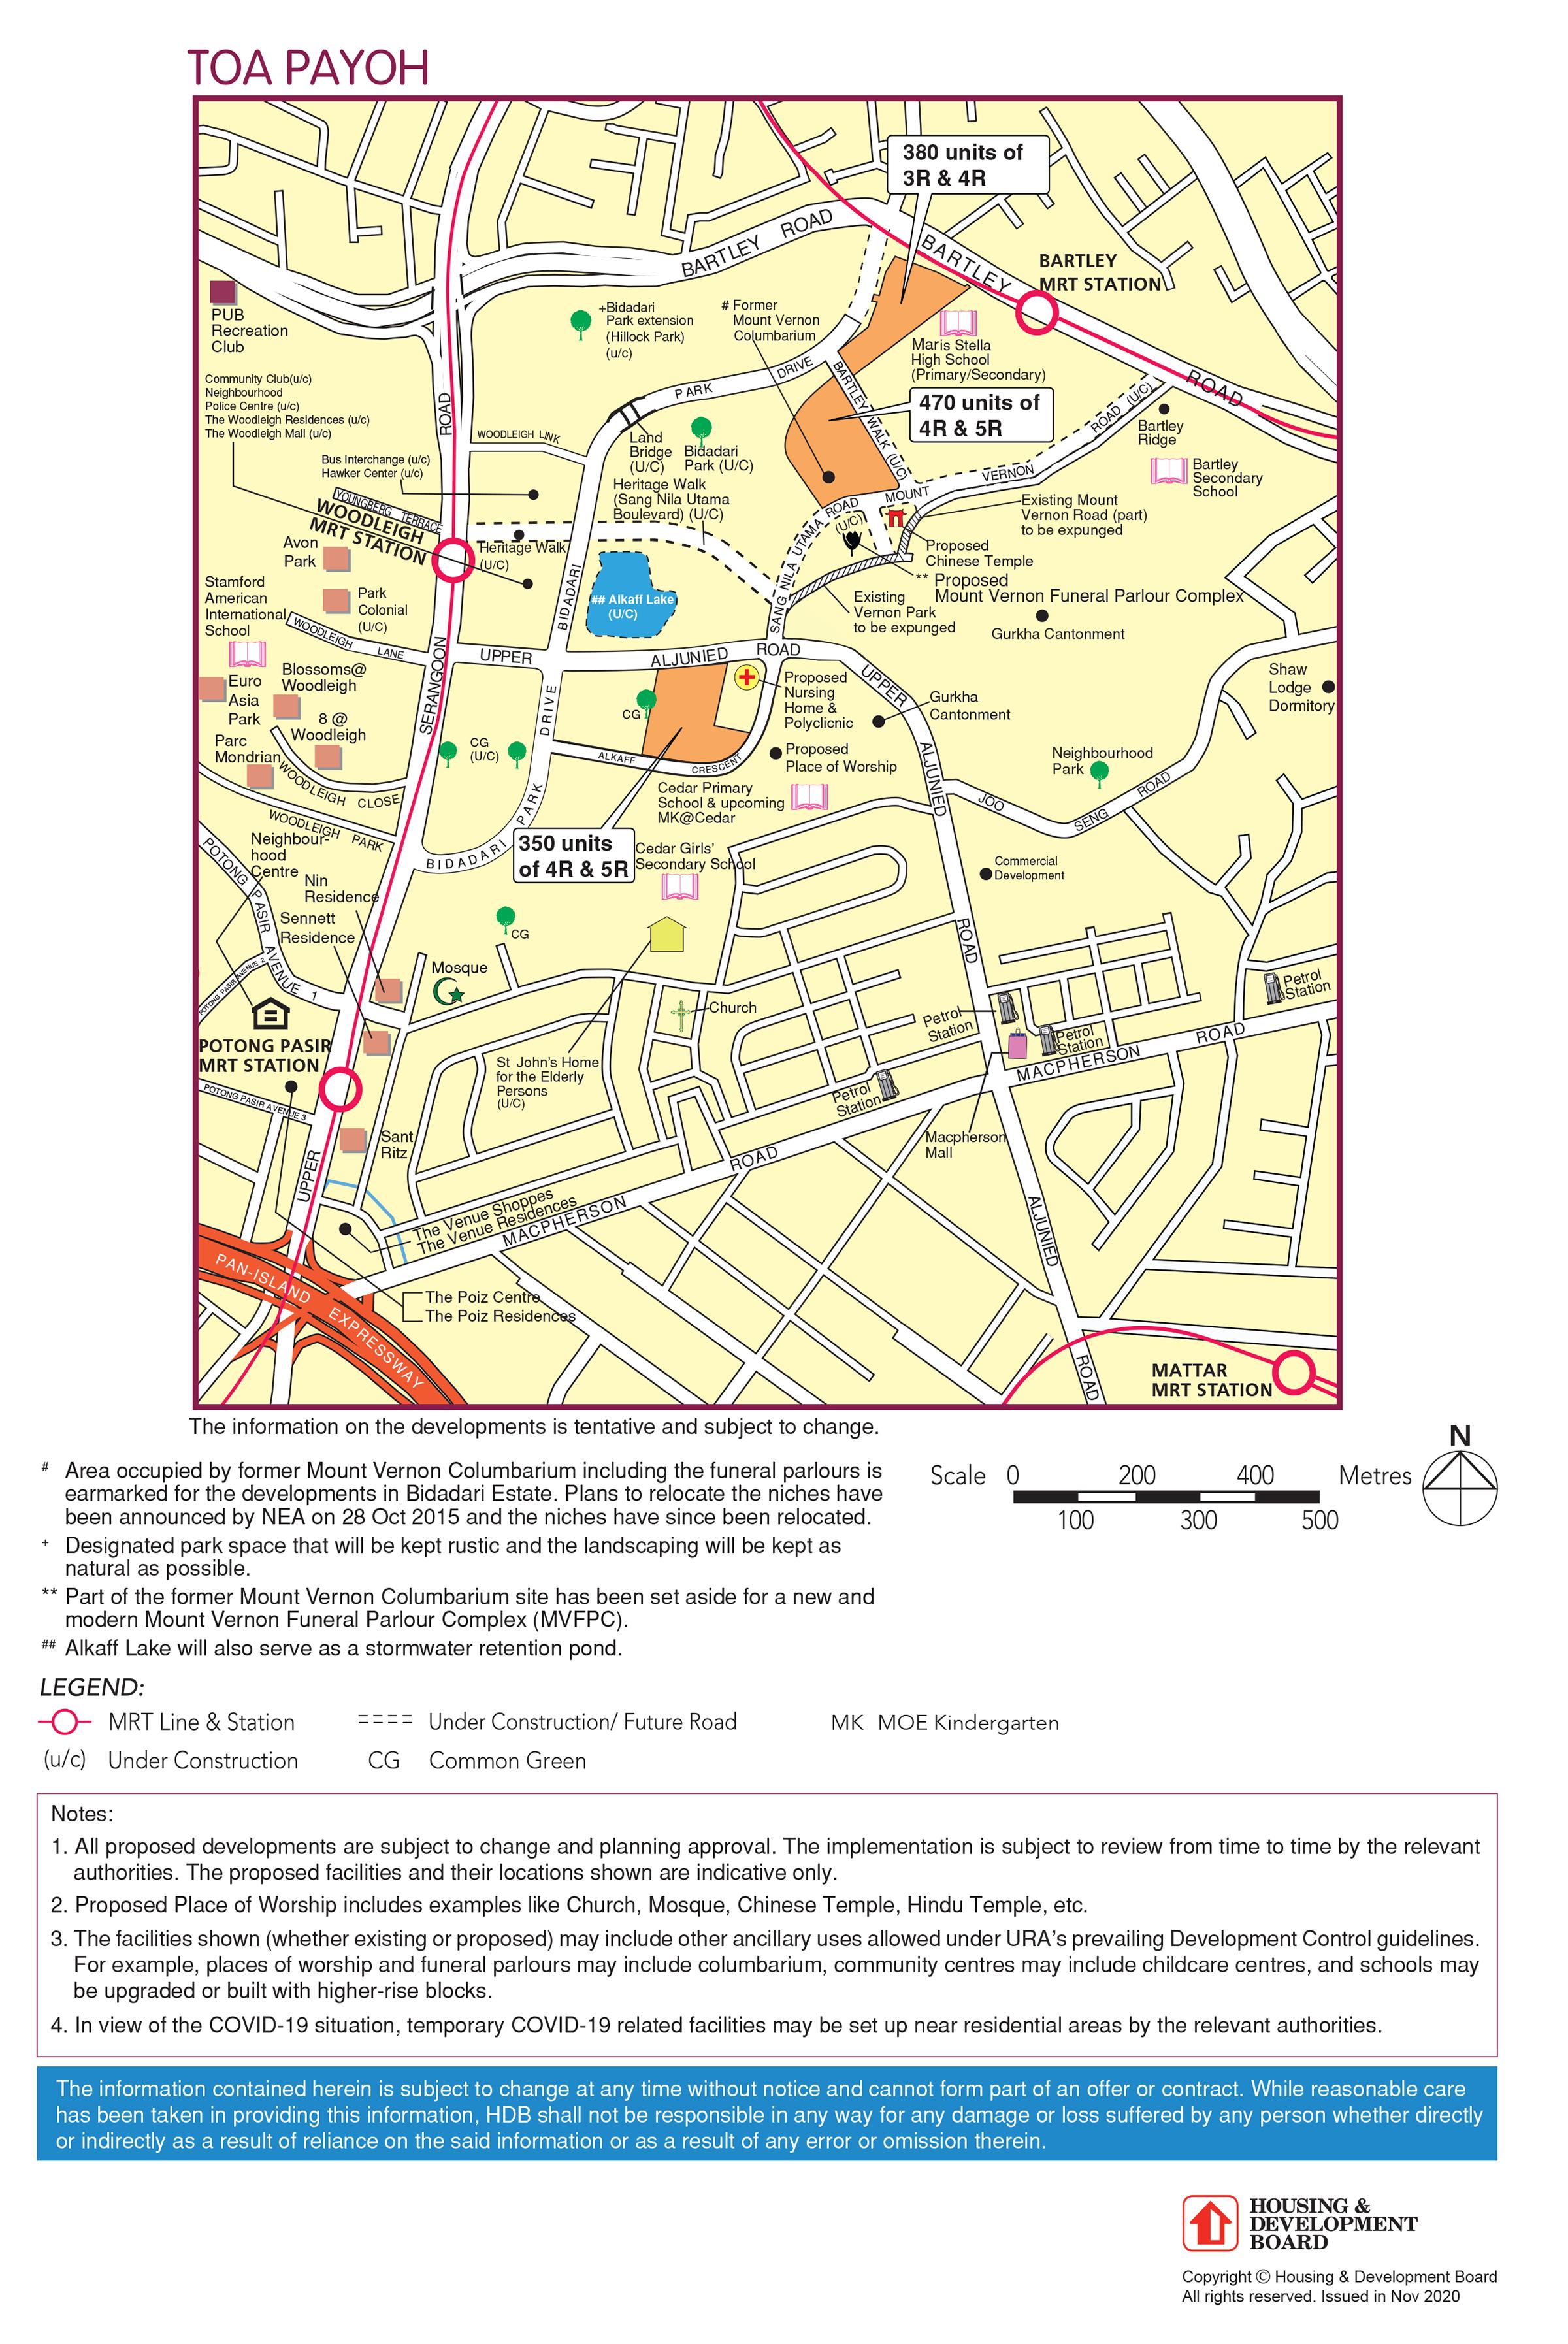 hdb feb 2021 bto bidadari toa payoh map